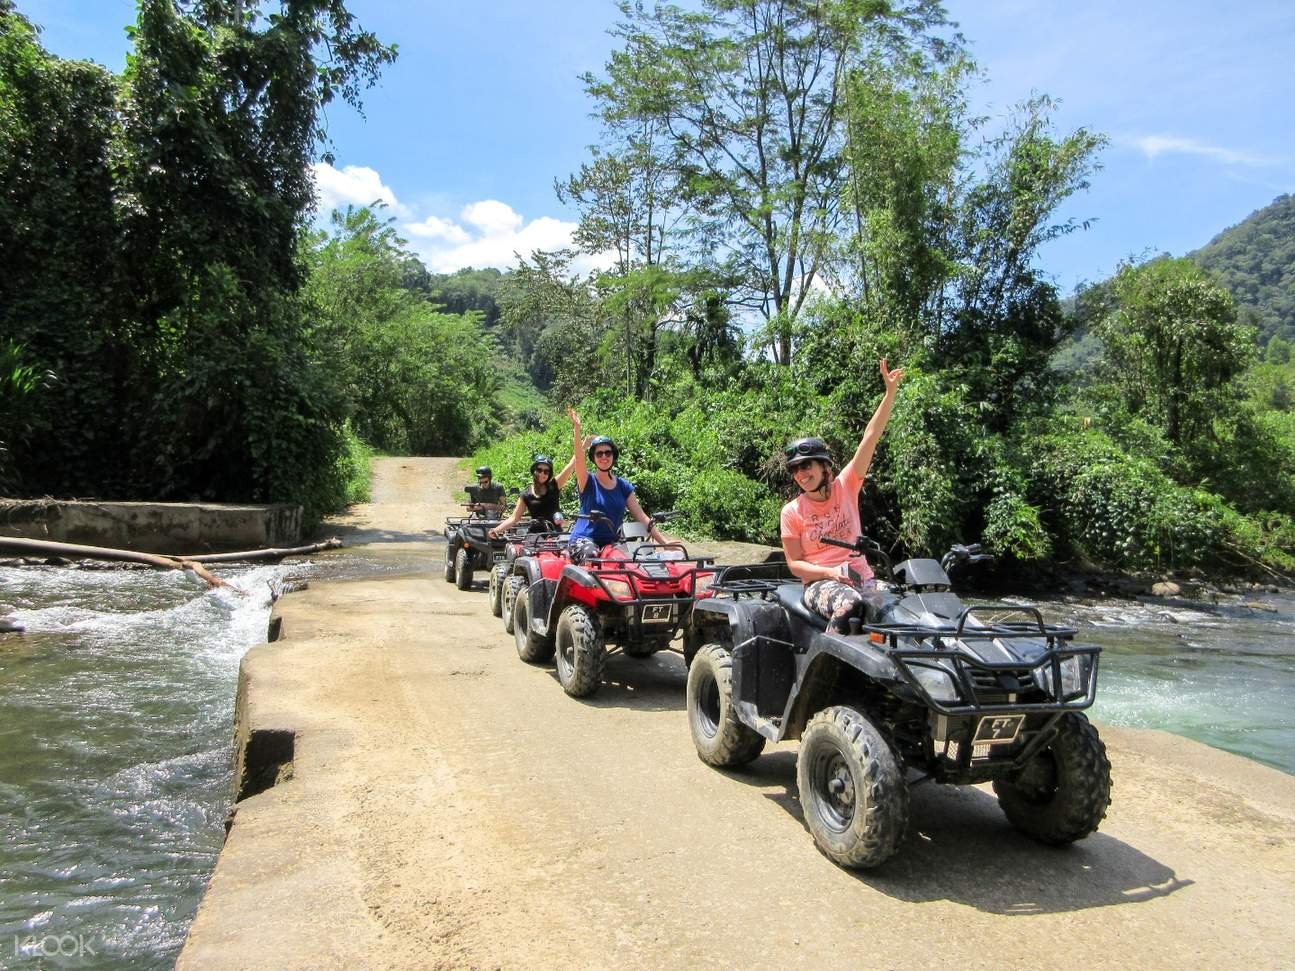 ATV Adventure Tour at Kiulu Valley